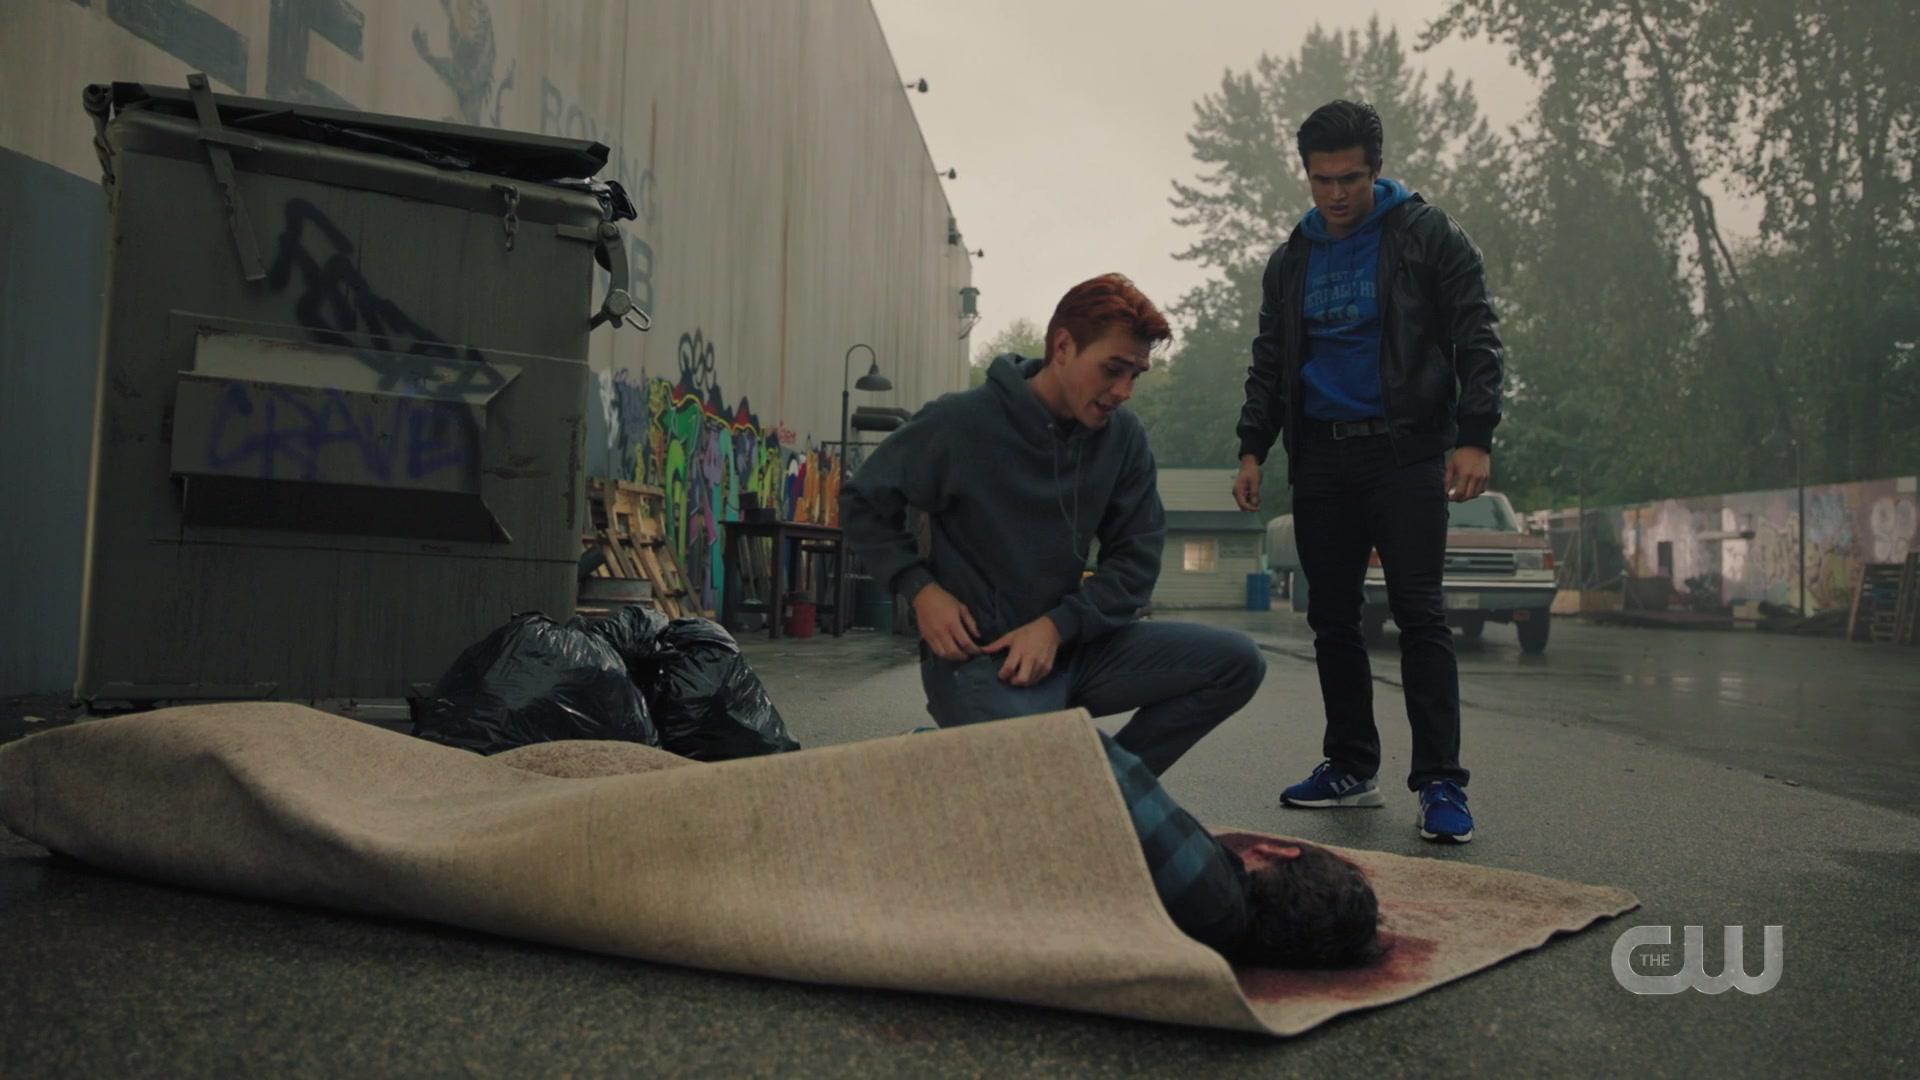 Riverdale: mistérios são desvendados no episódio 4x06 (Spoilers)